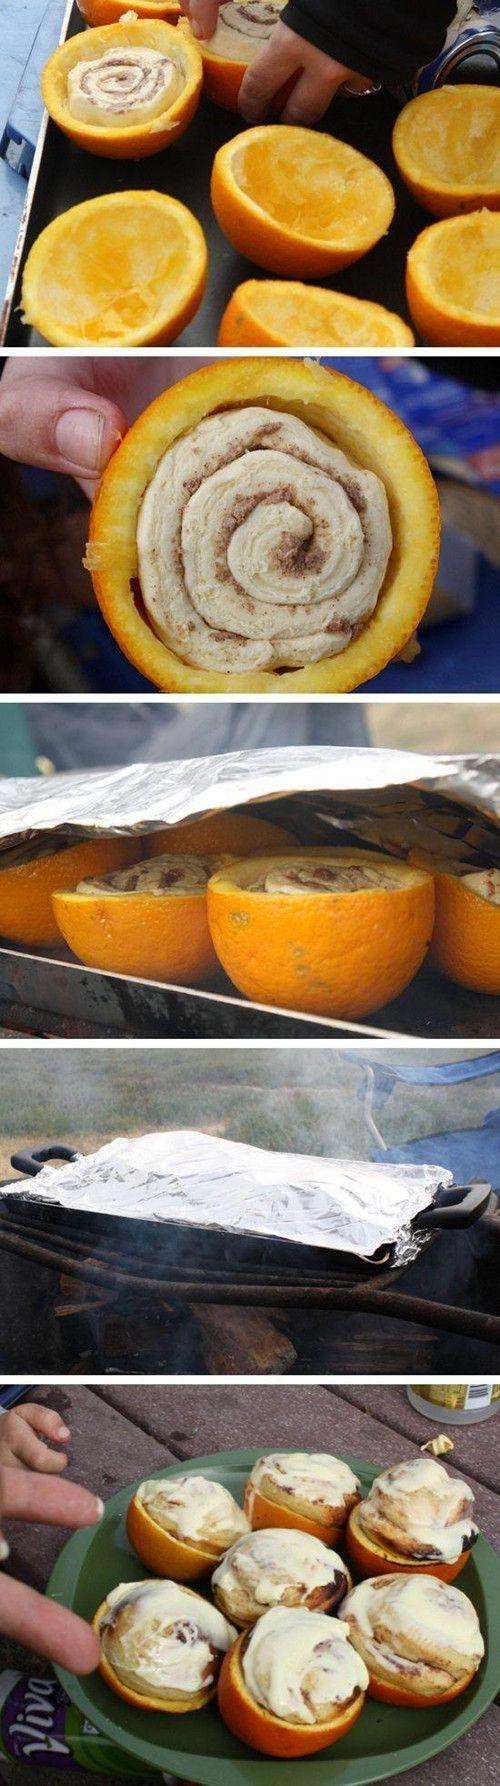 Campfire Cinnamon Rolls - Love with recipe